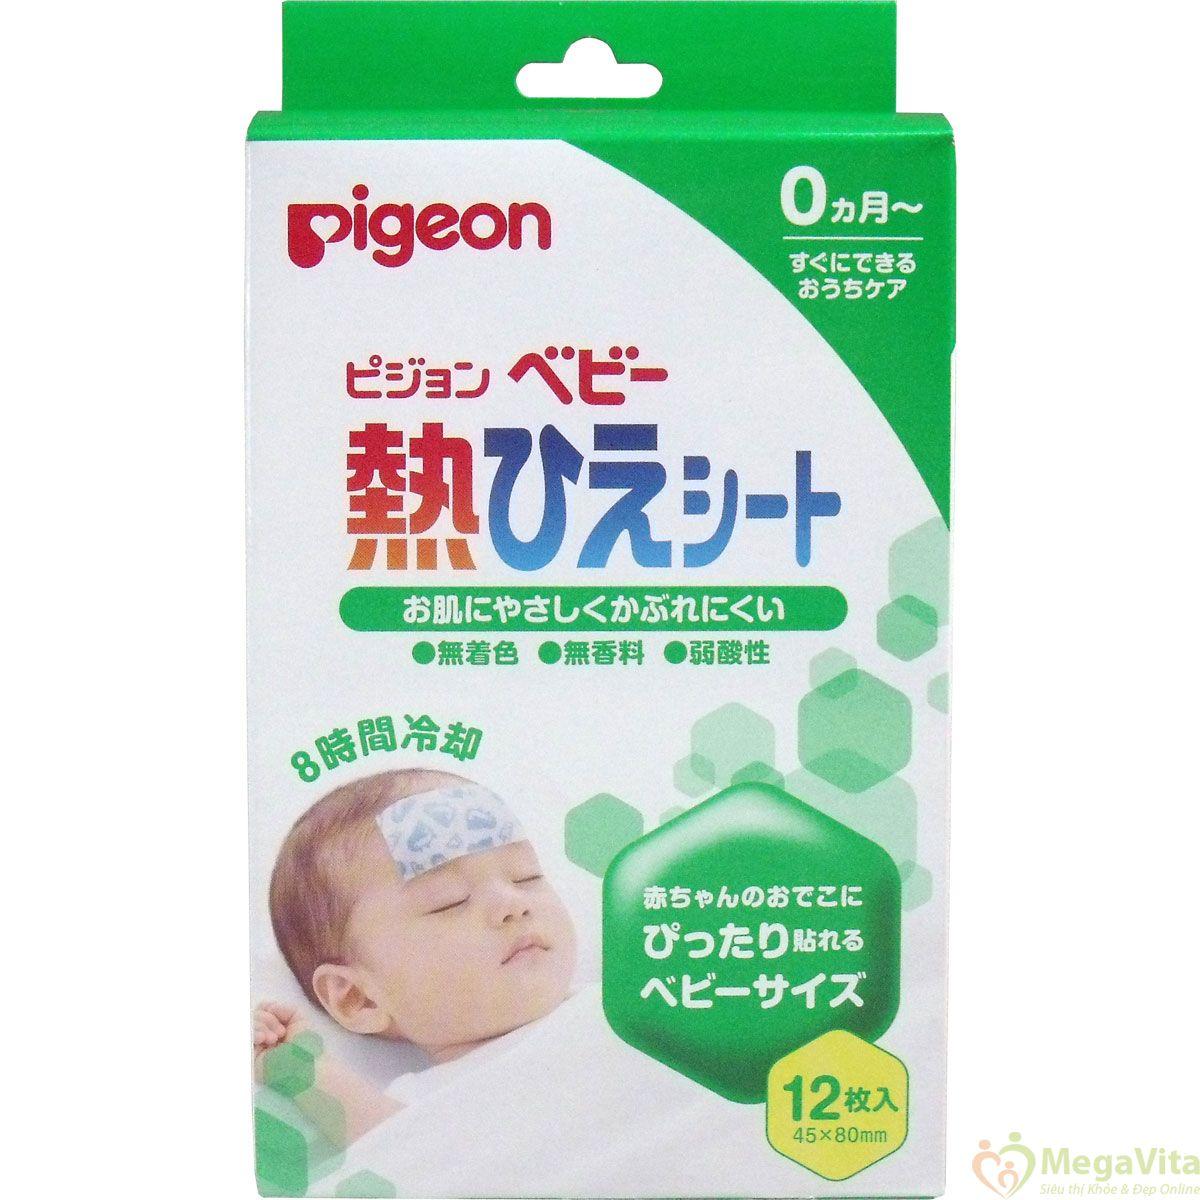 Miếng dán hạ sốt pigeon cho bé yêu hộp 12 miếng